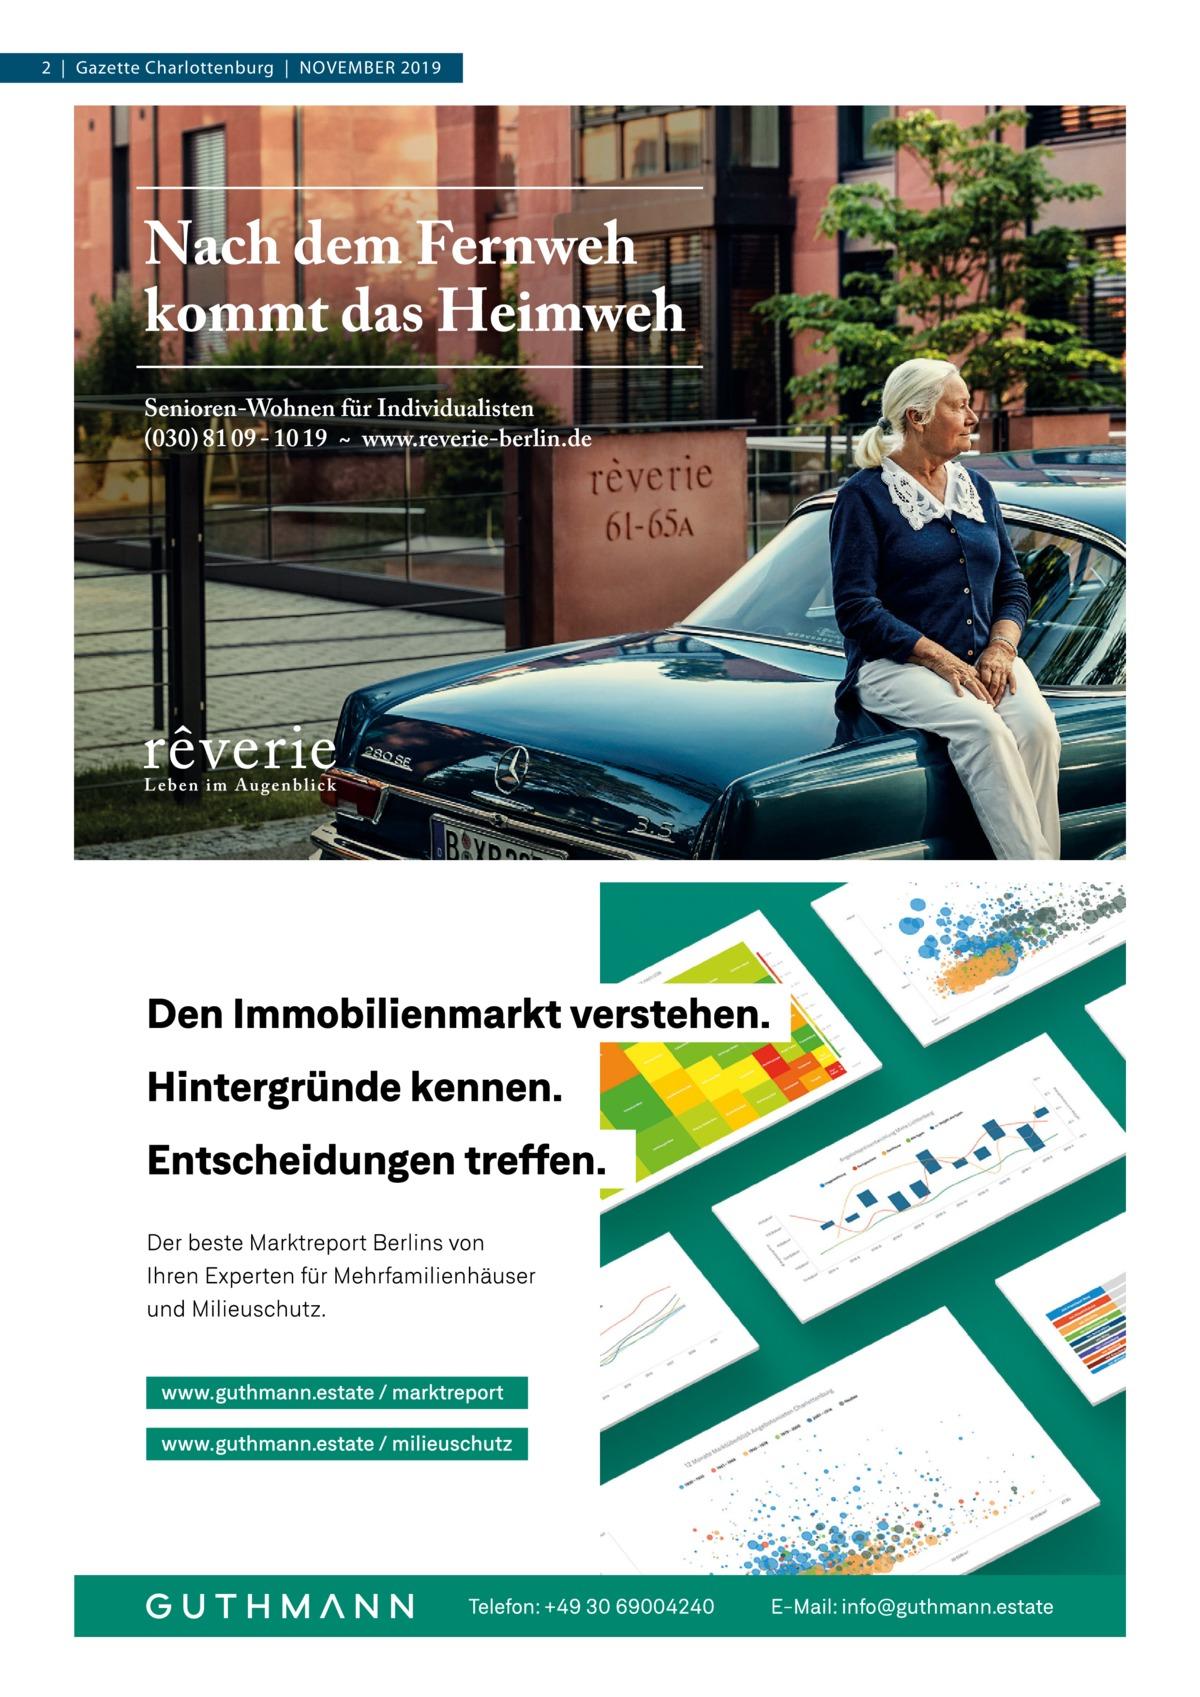 2|Gazette Charlottenburg|November 2019